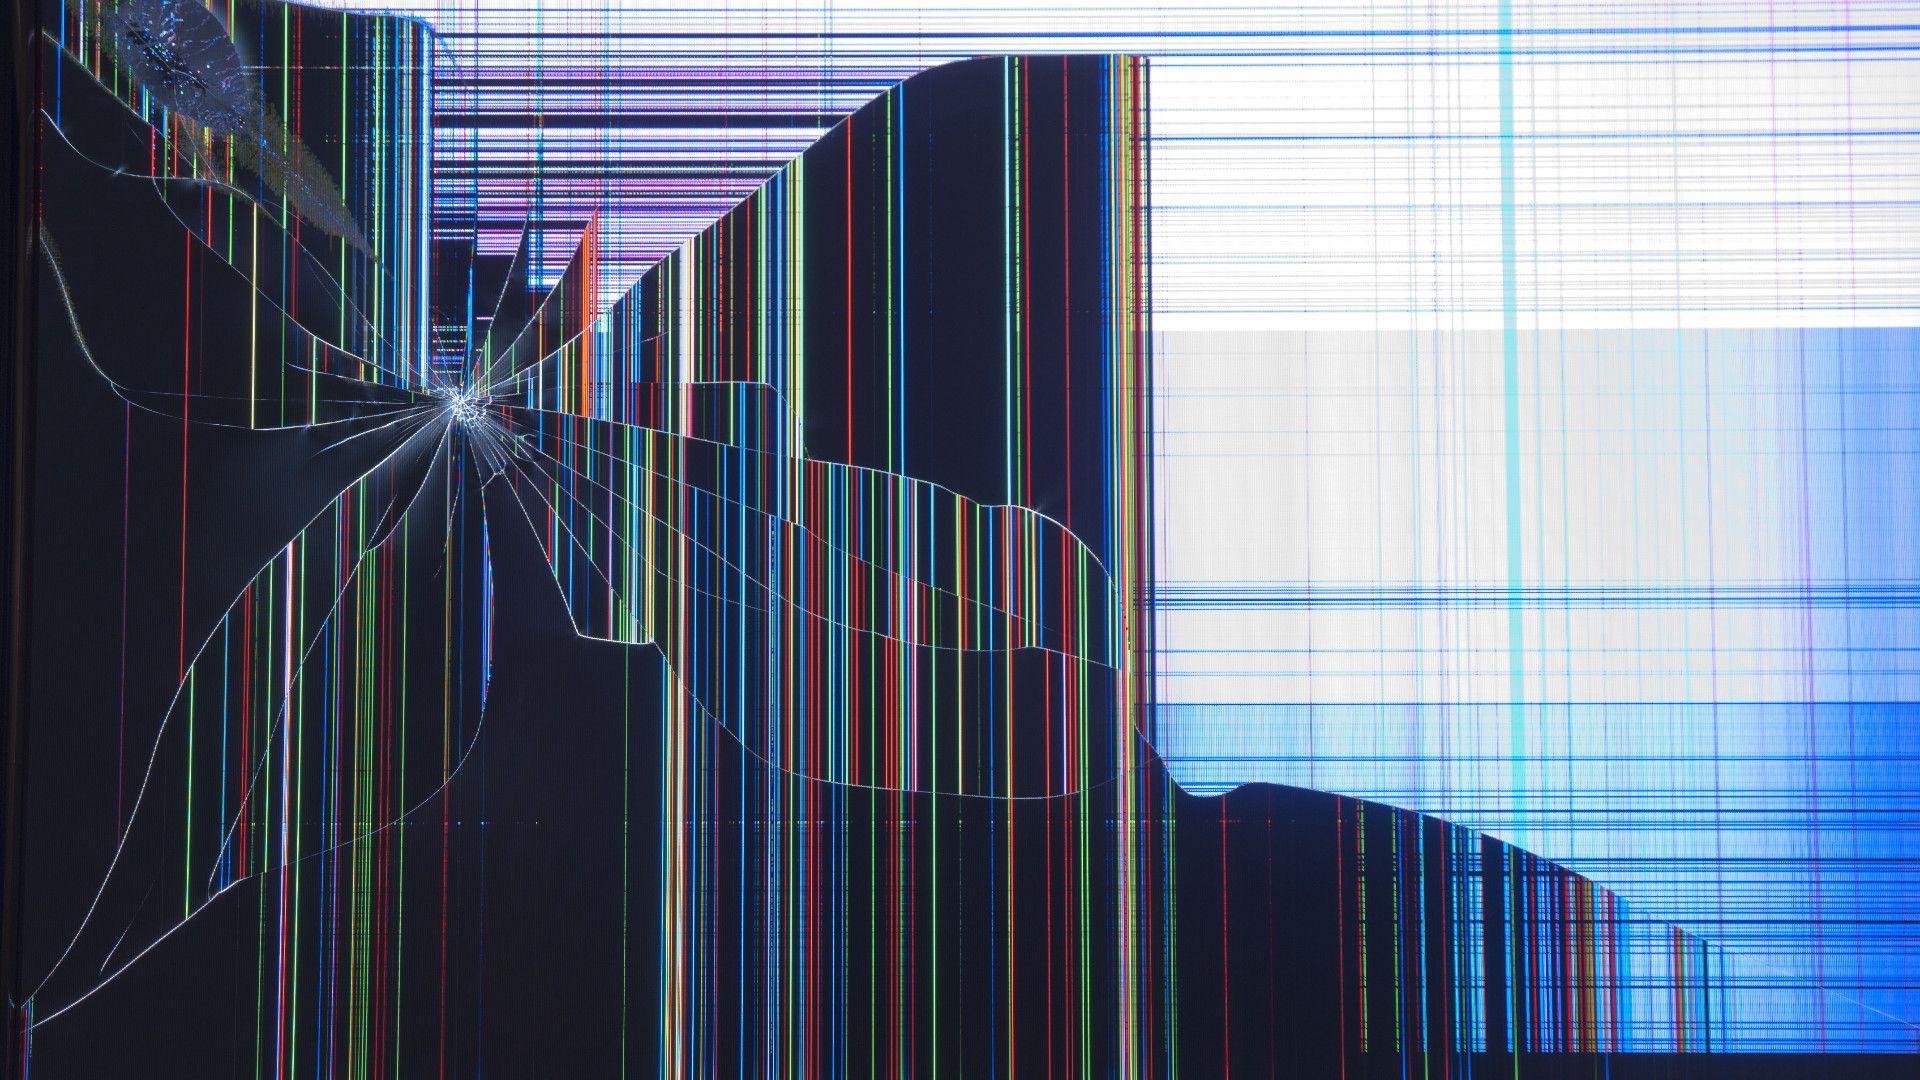 Картинка битый монитор